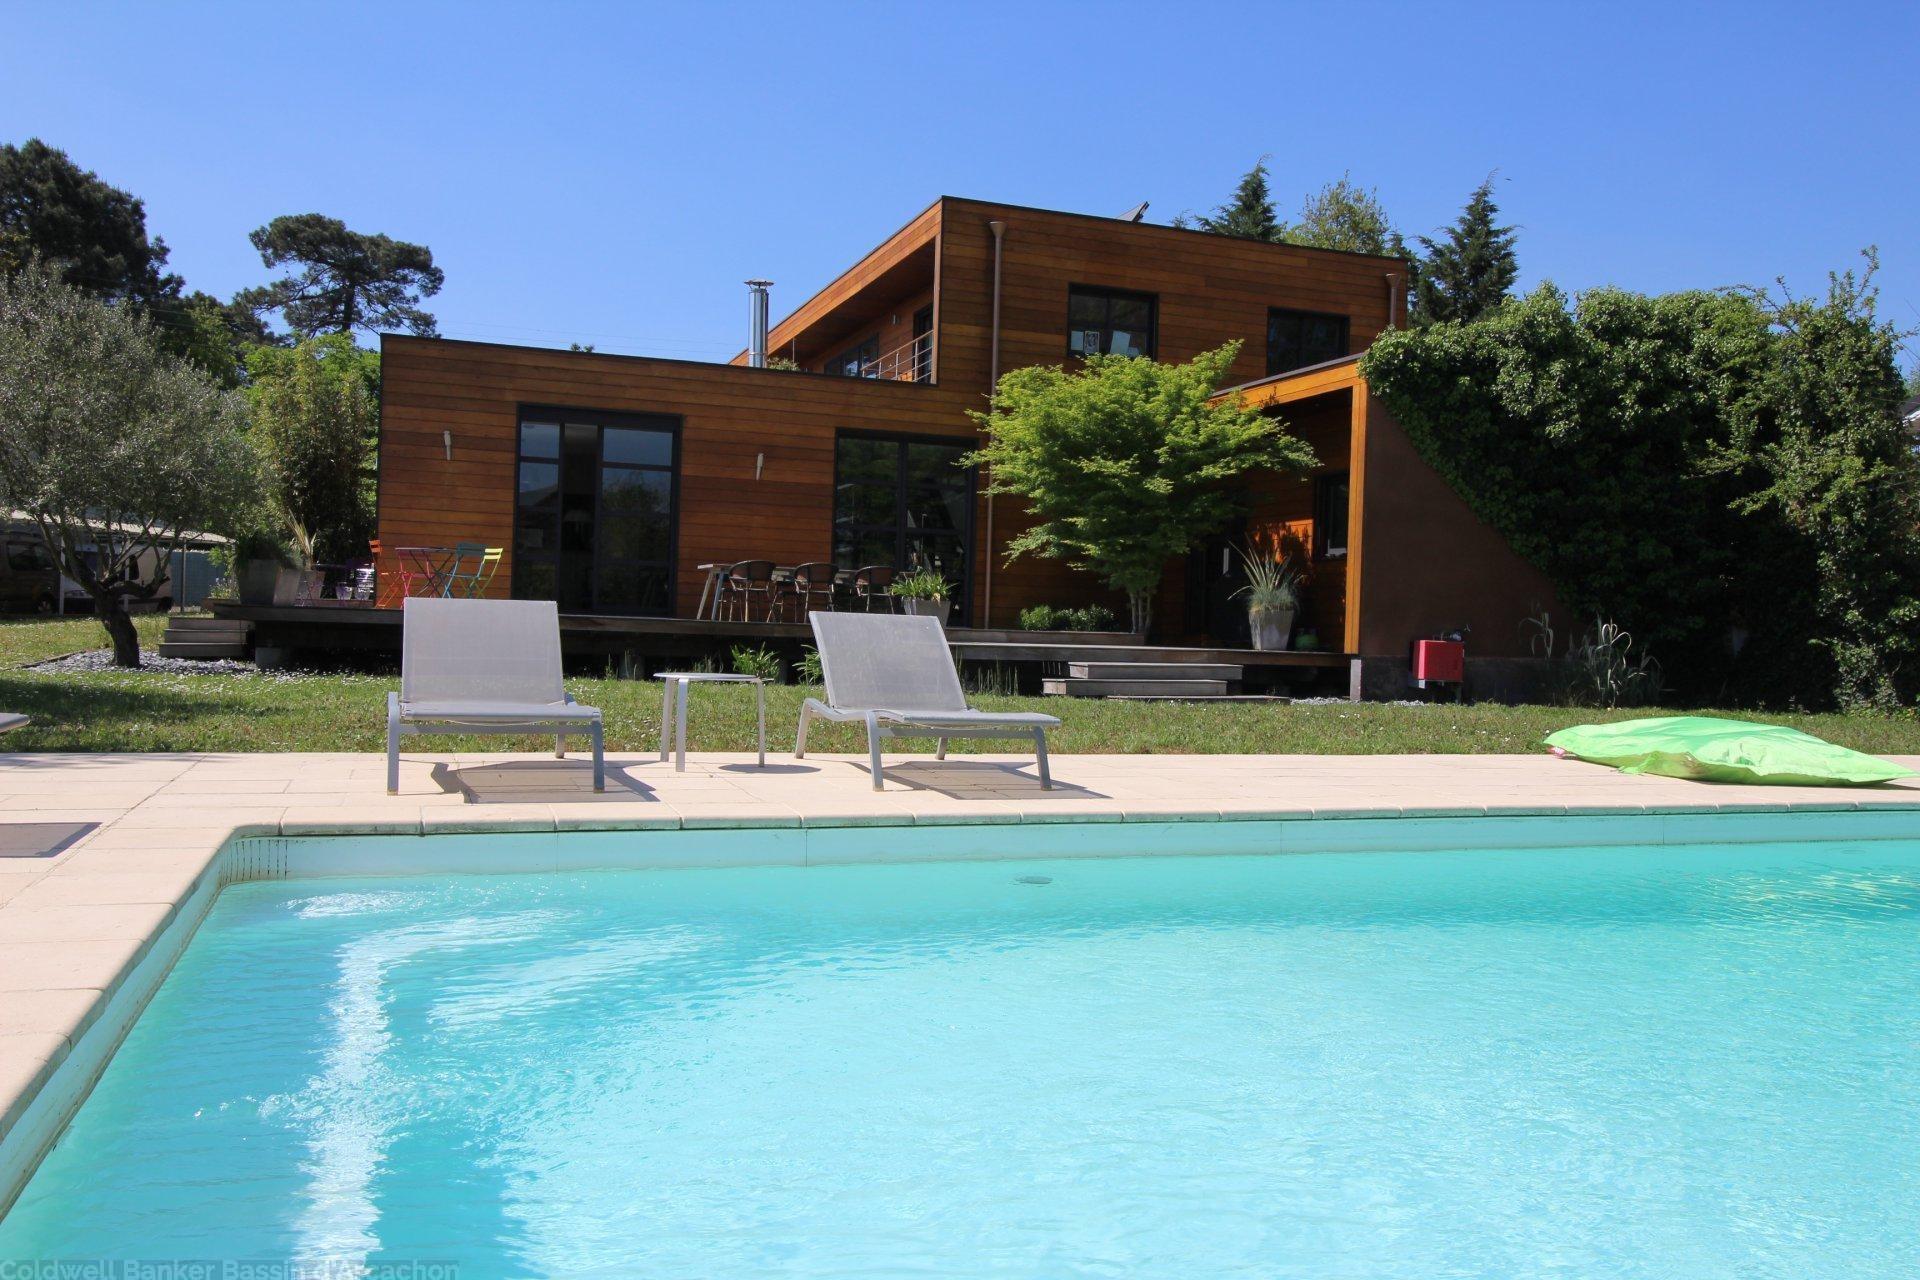 vente maison villa bordeaux merignac grande maison en bois avec piscine avec 5 chambres. Black Bedroom Furniture Sets. Home Design Ideas